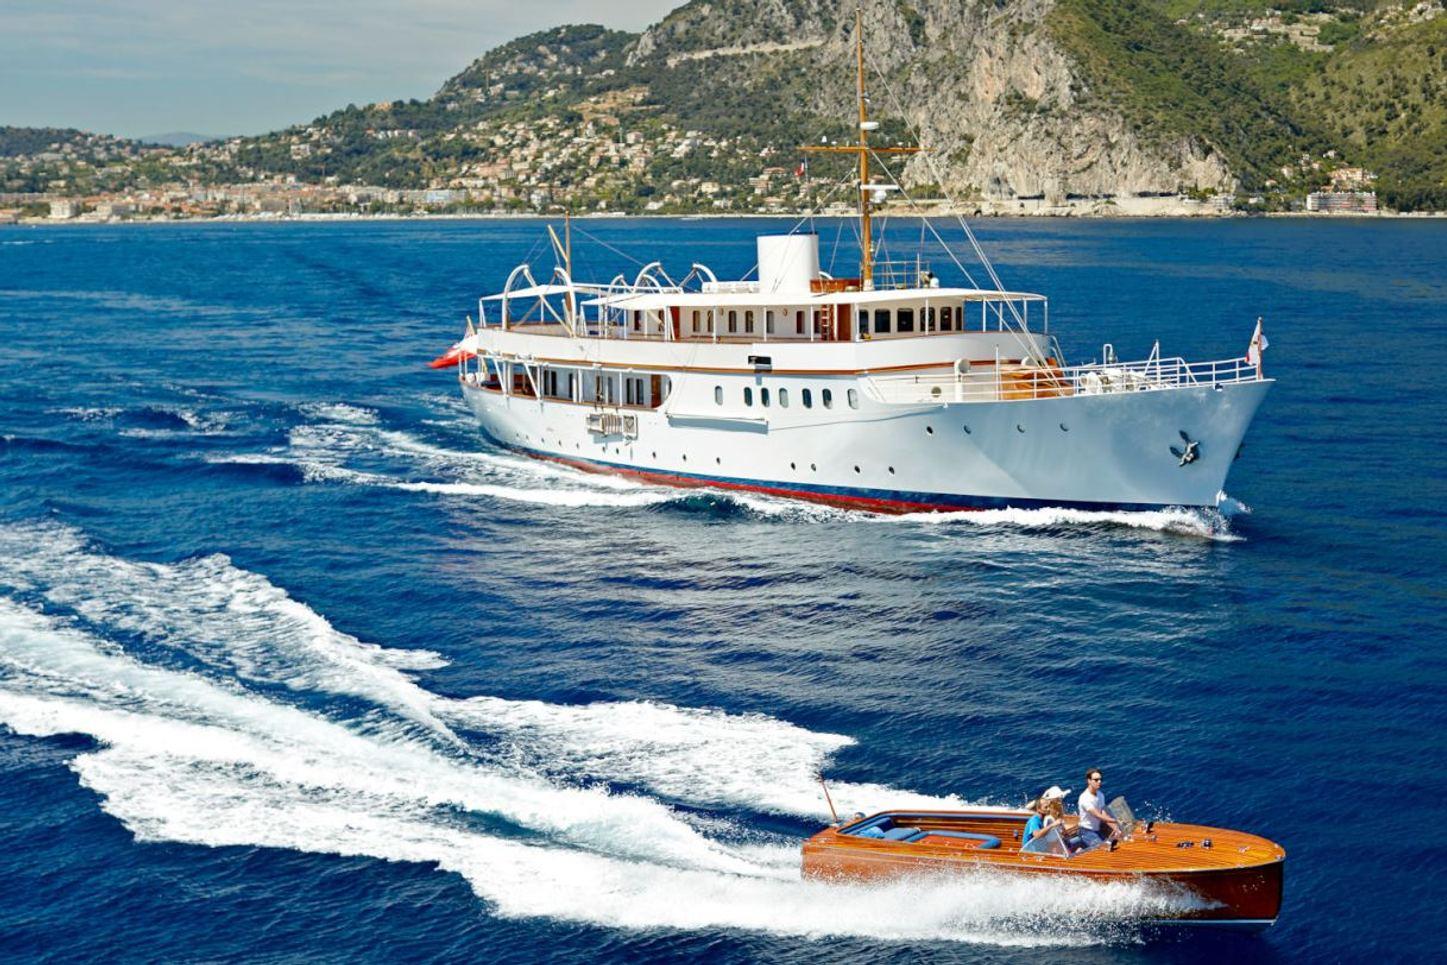 Luxury yacht Malahne in the Mediterranean next to tender